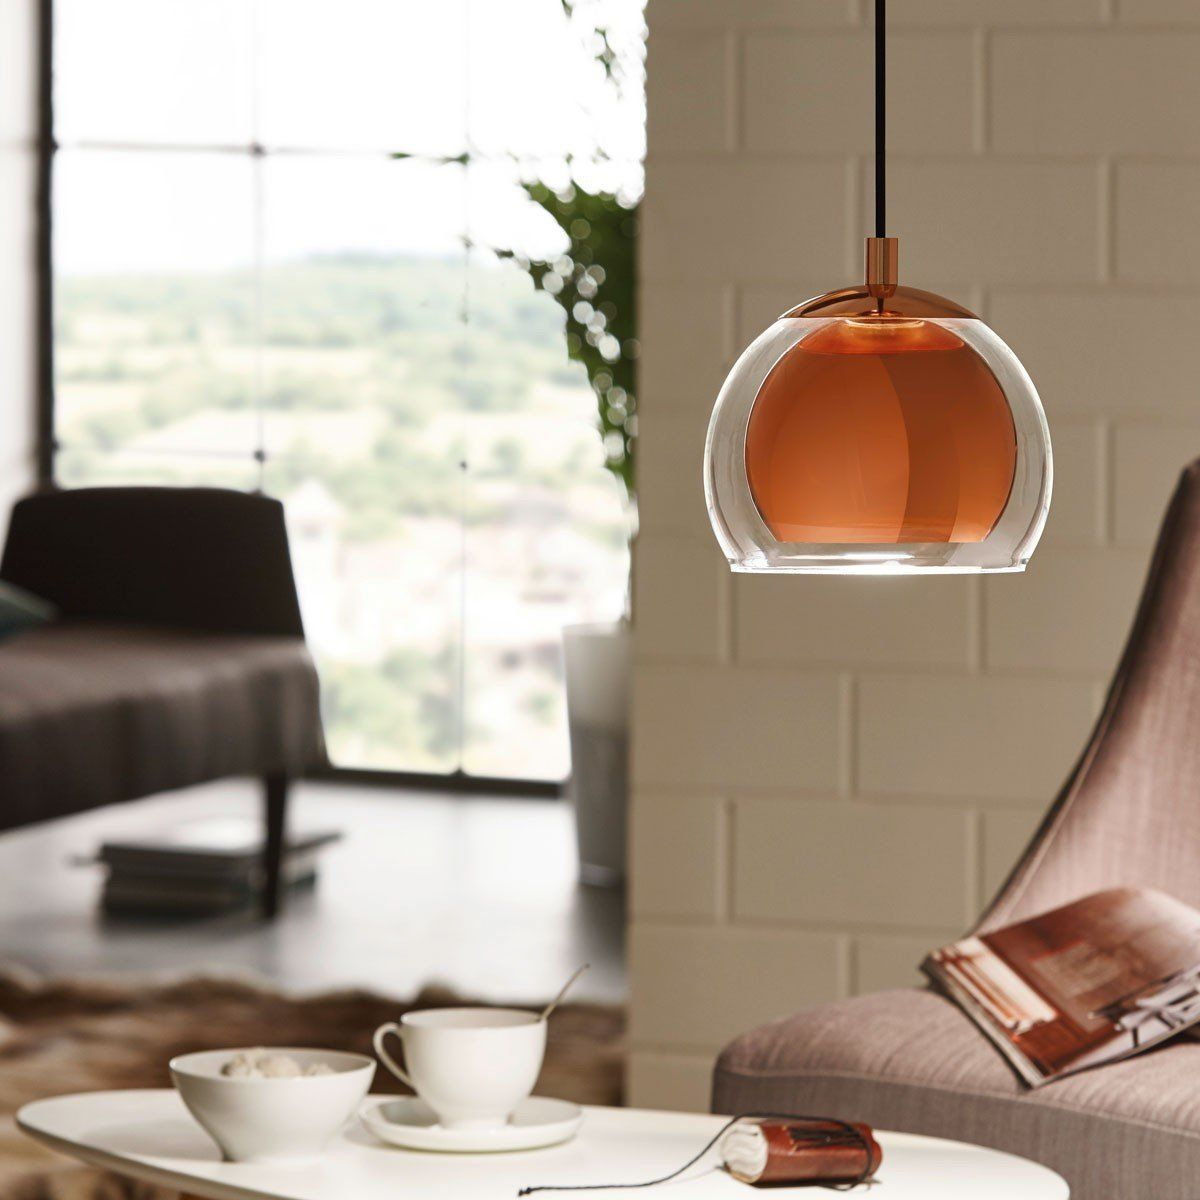 licht trend join pendelleuchte mit klarglas kupfer pendellampe beleuchtung. Black Bedroom Furniture Sets. Home Design Ideas